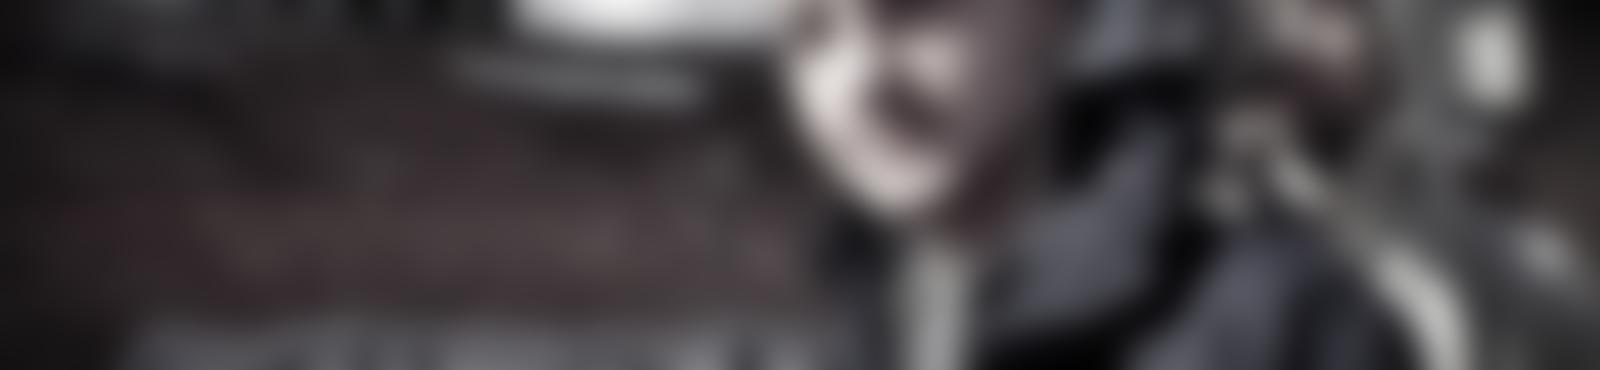 Blurred cfd33650 1130 4860 846e abea6d63b63a